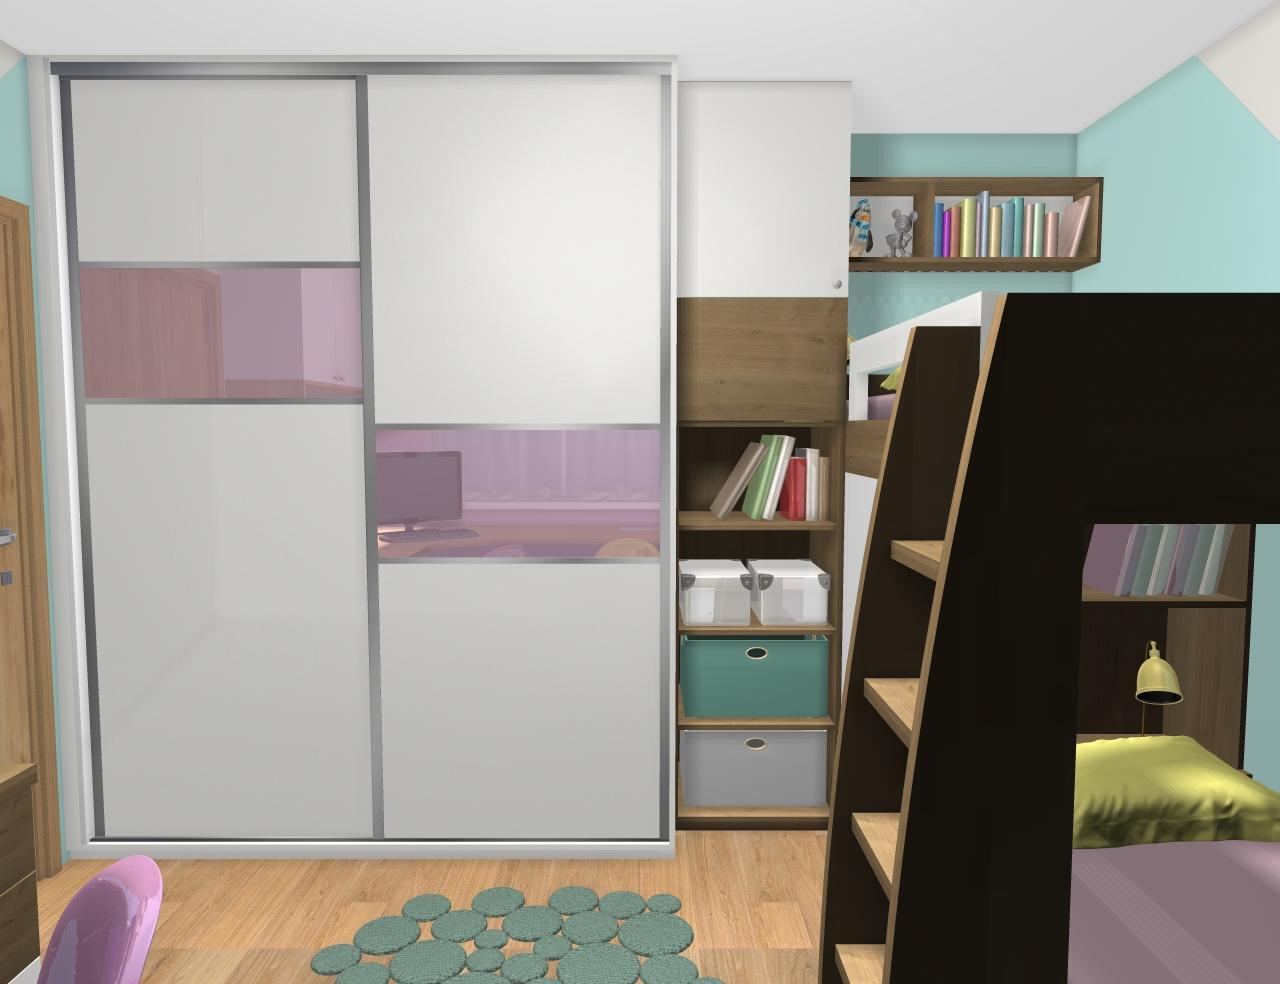 Grafické návrhy interiér 2019 - Grafický návrh detskej izby pre dve dievčatká - verzia 1 - obr.2